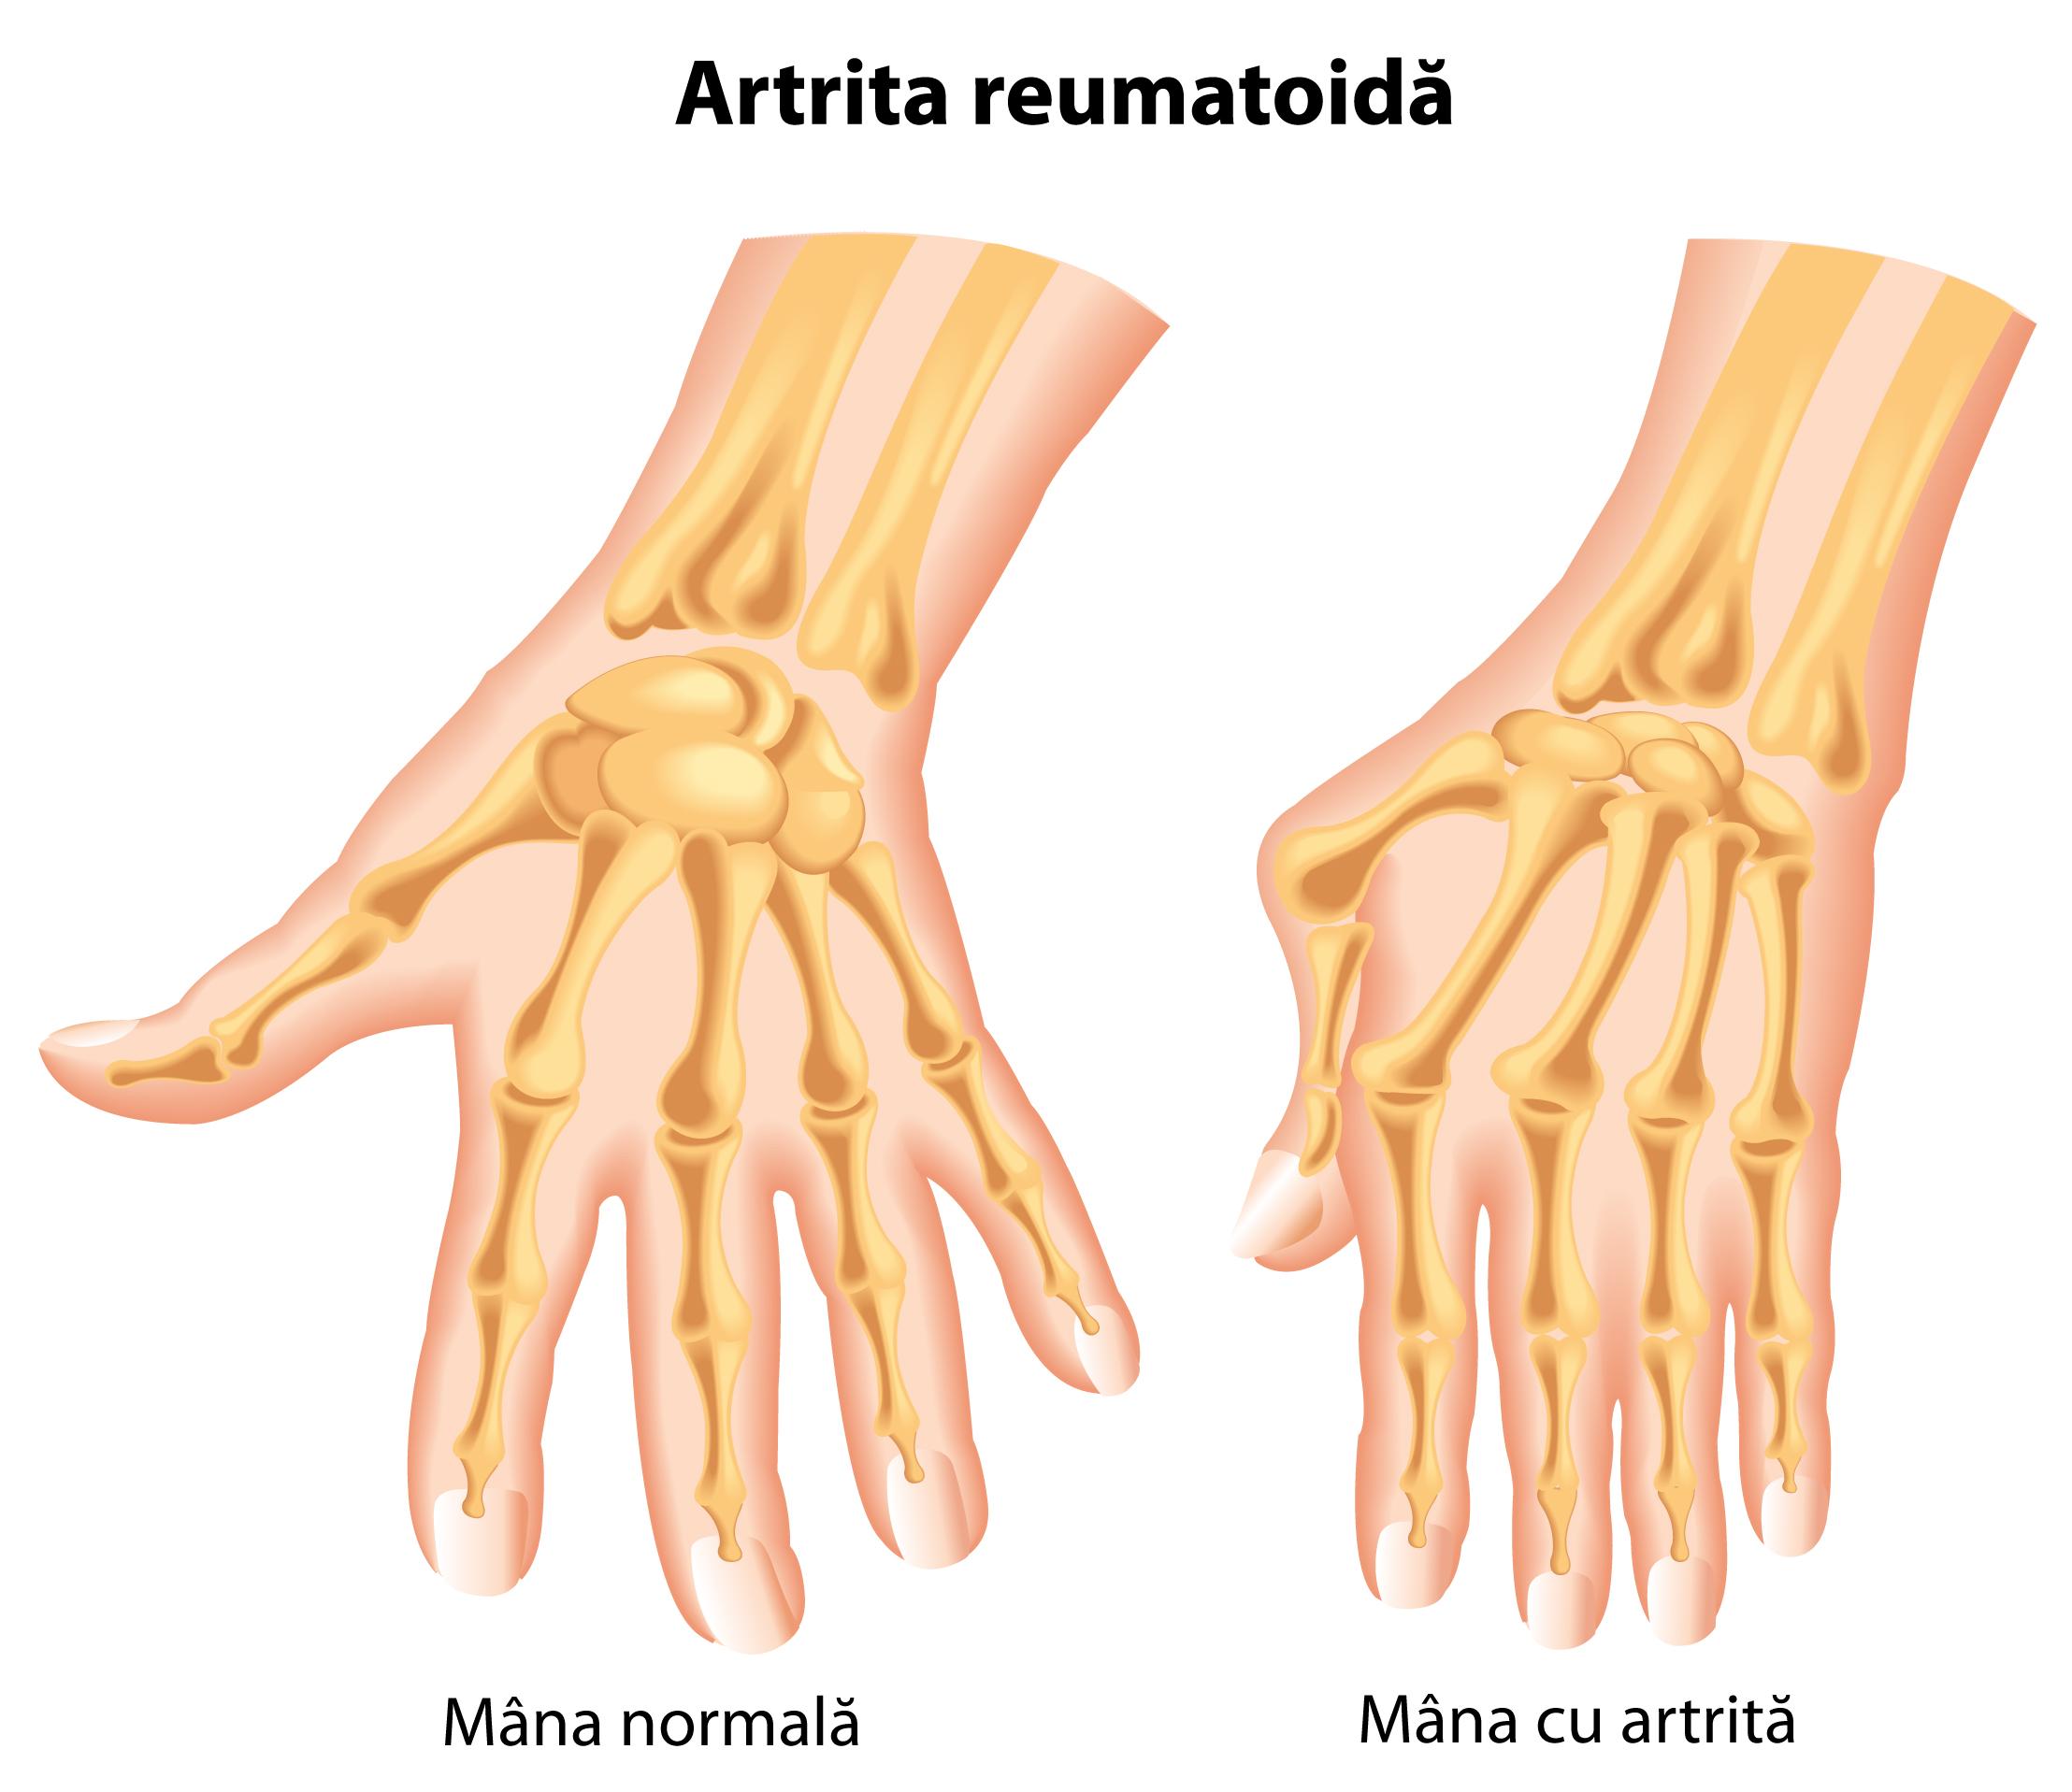 metode de tratament pentru artroza osteochondrozei remedii pentru tratamentul epicondilitei articulației cotului